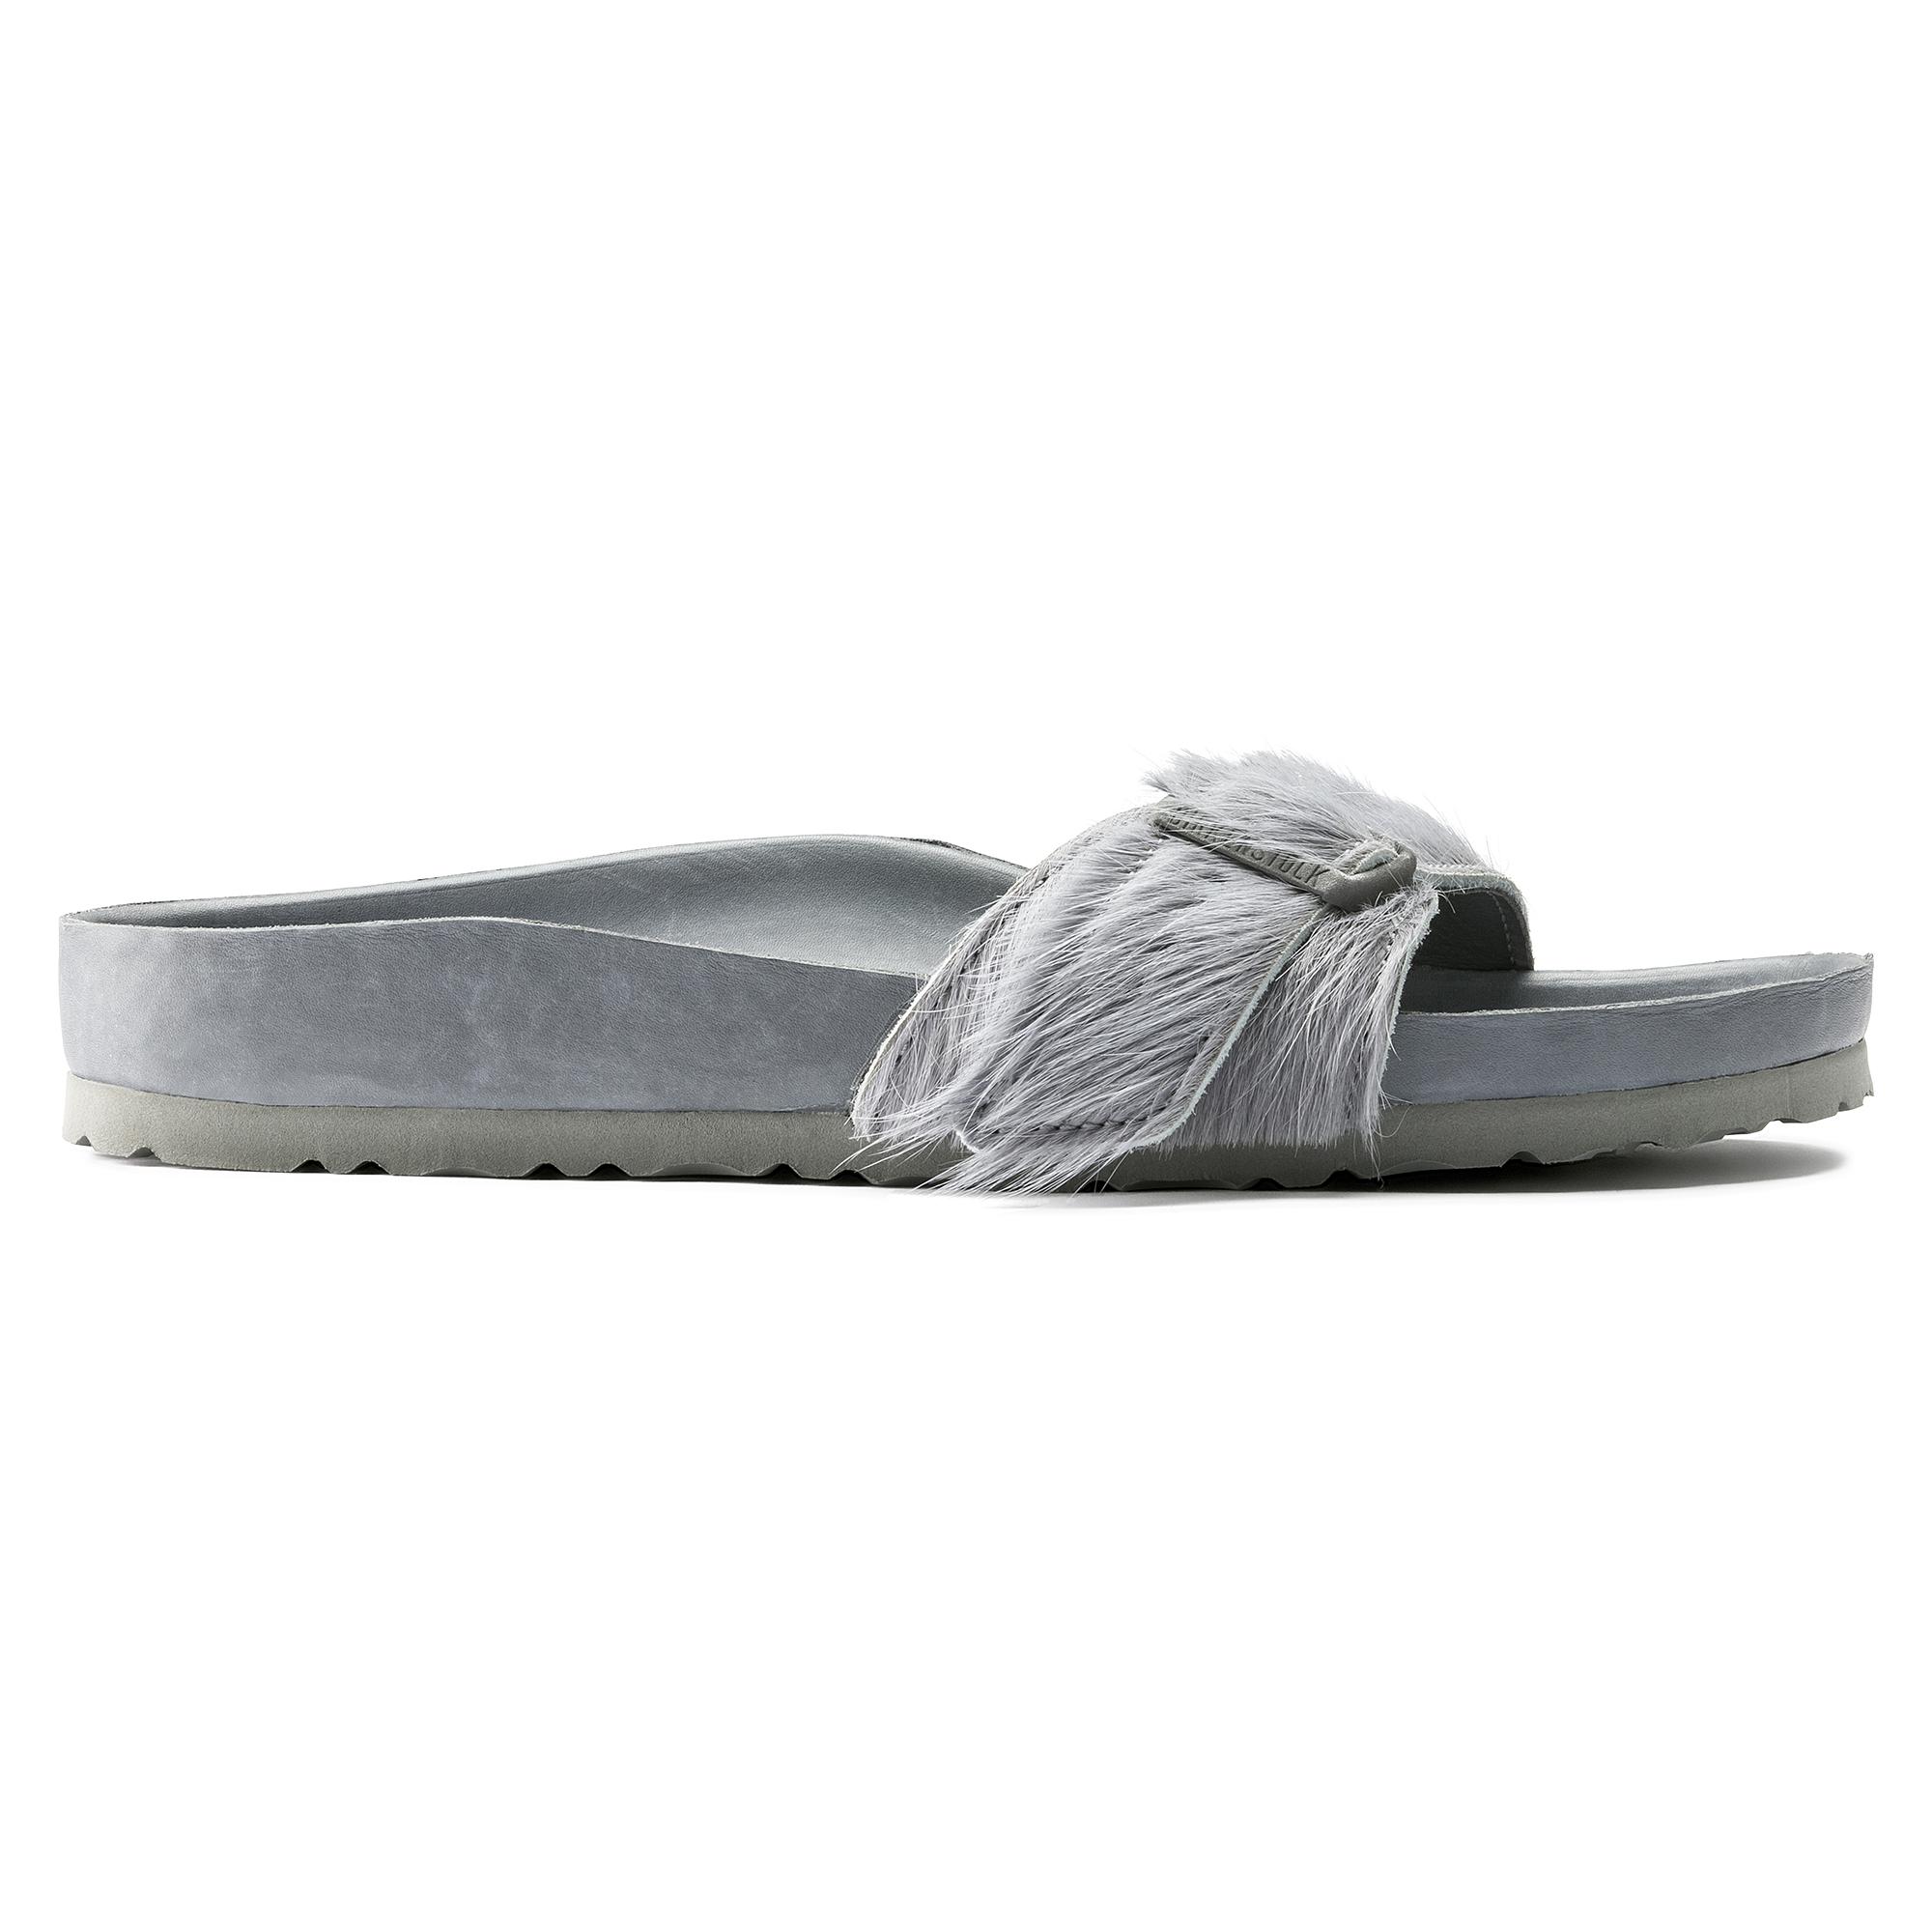 Chaussures Noir Rick Owens Taille 35 Pour Les Femmes NnaR05